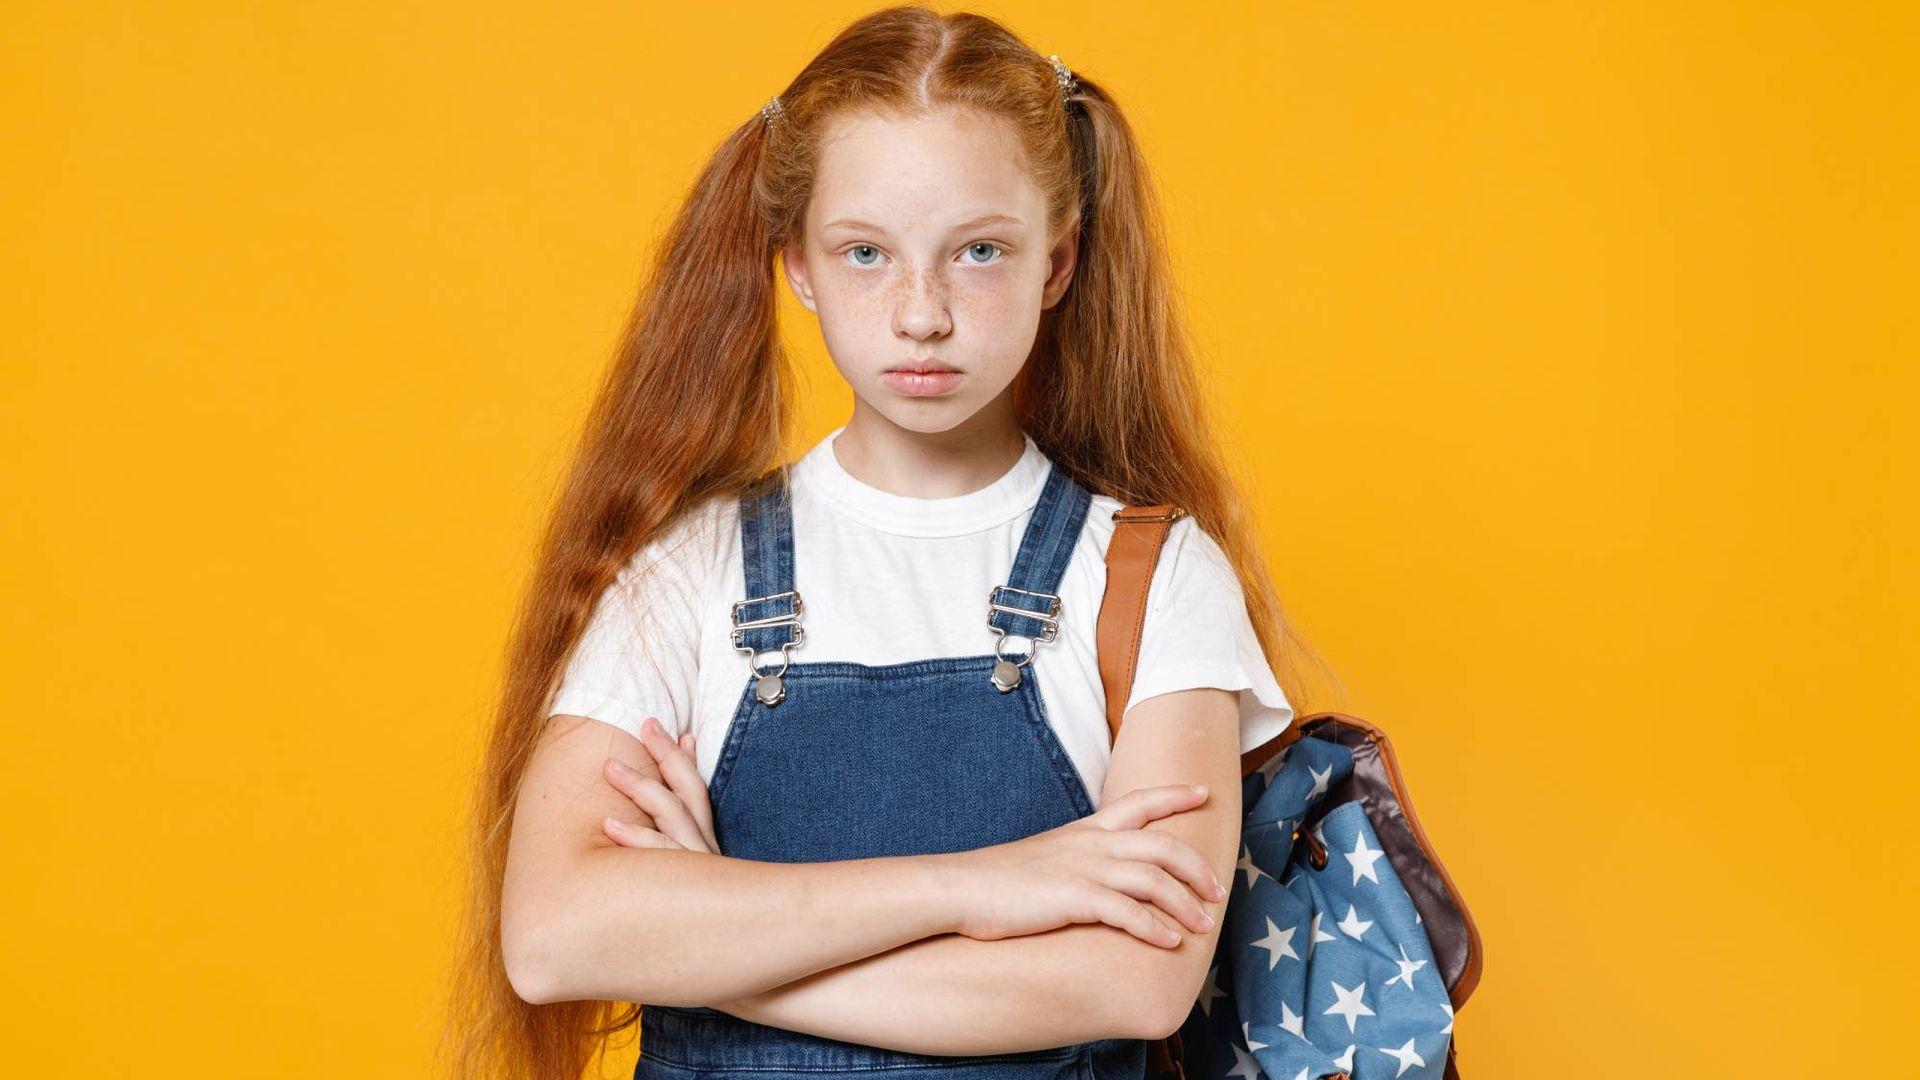 Çocuğa regl dönemi ne zaman anlatılmalı?